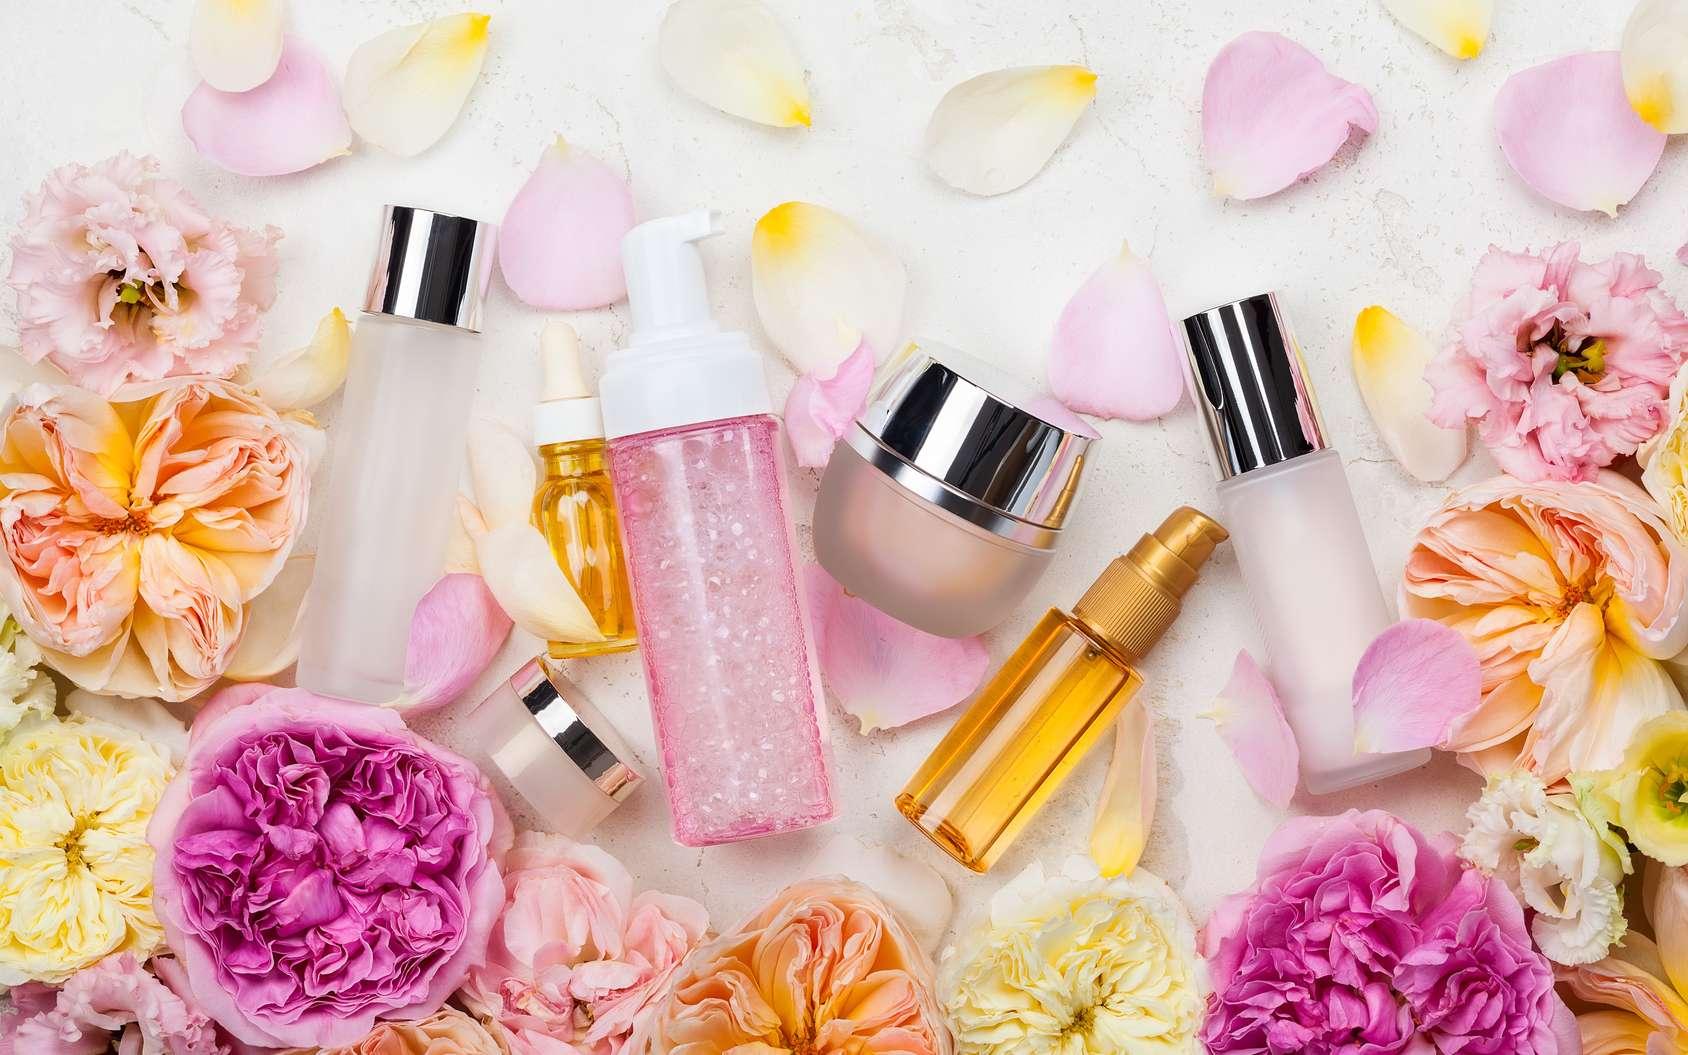 Crème pour le corps, lotion nettoyante, huile démaquillante : quels sont les ingrédients qui les composent ? © sarsmis, Fotolia